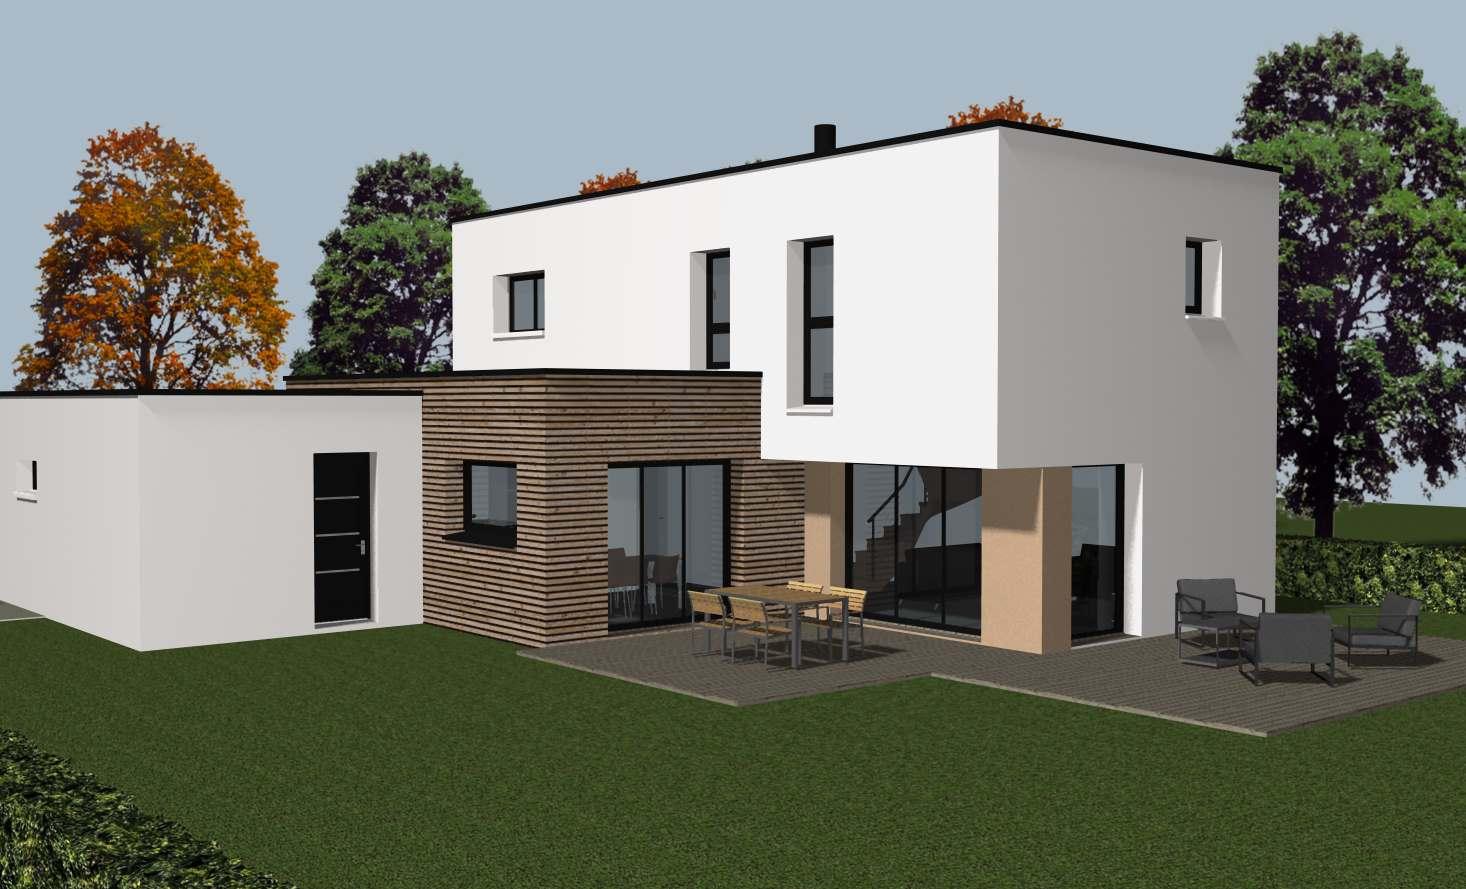 cocoon habitat au salon de l 39 immobilier cocoon habitat. Black Bedroom Furniture Sets. Home Design Ideas